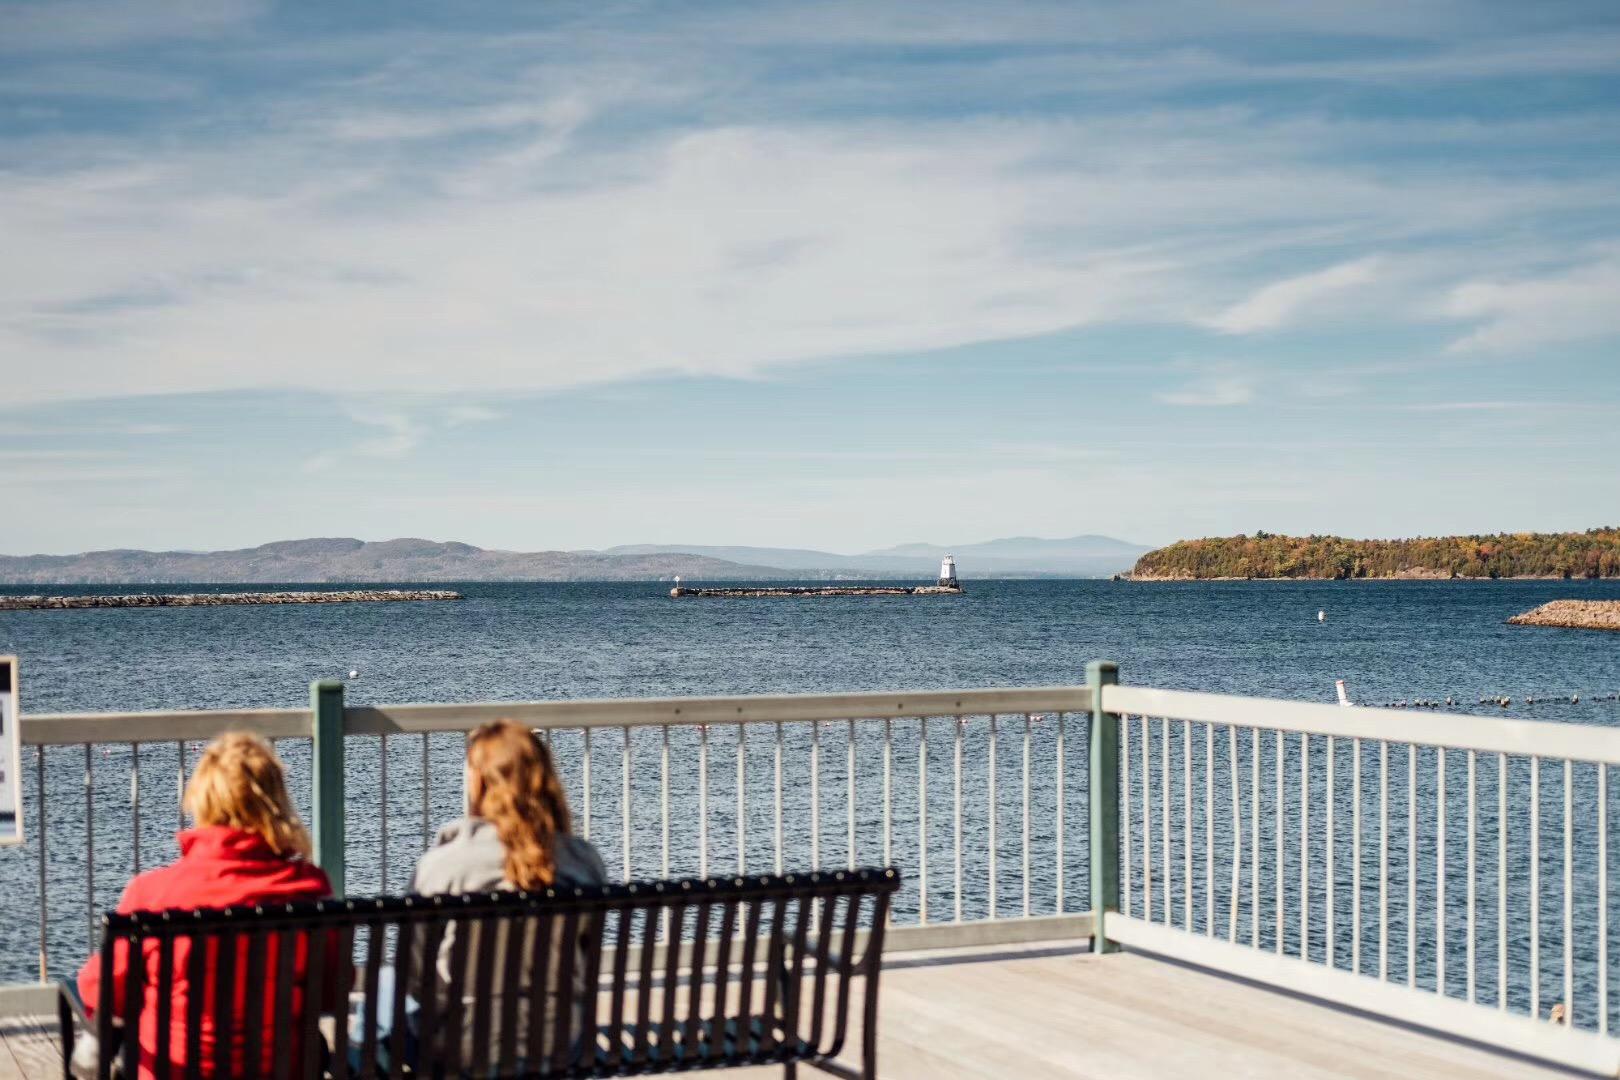 美国留学都愿意去加州,到底有什么吸引力?